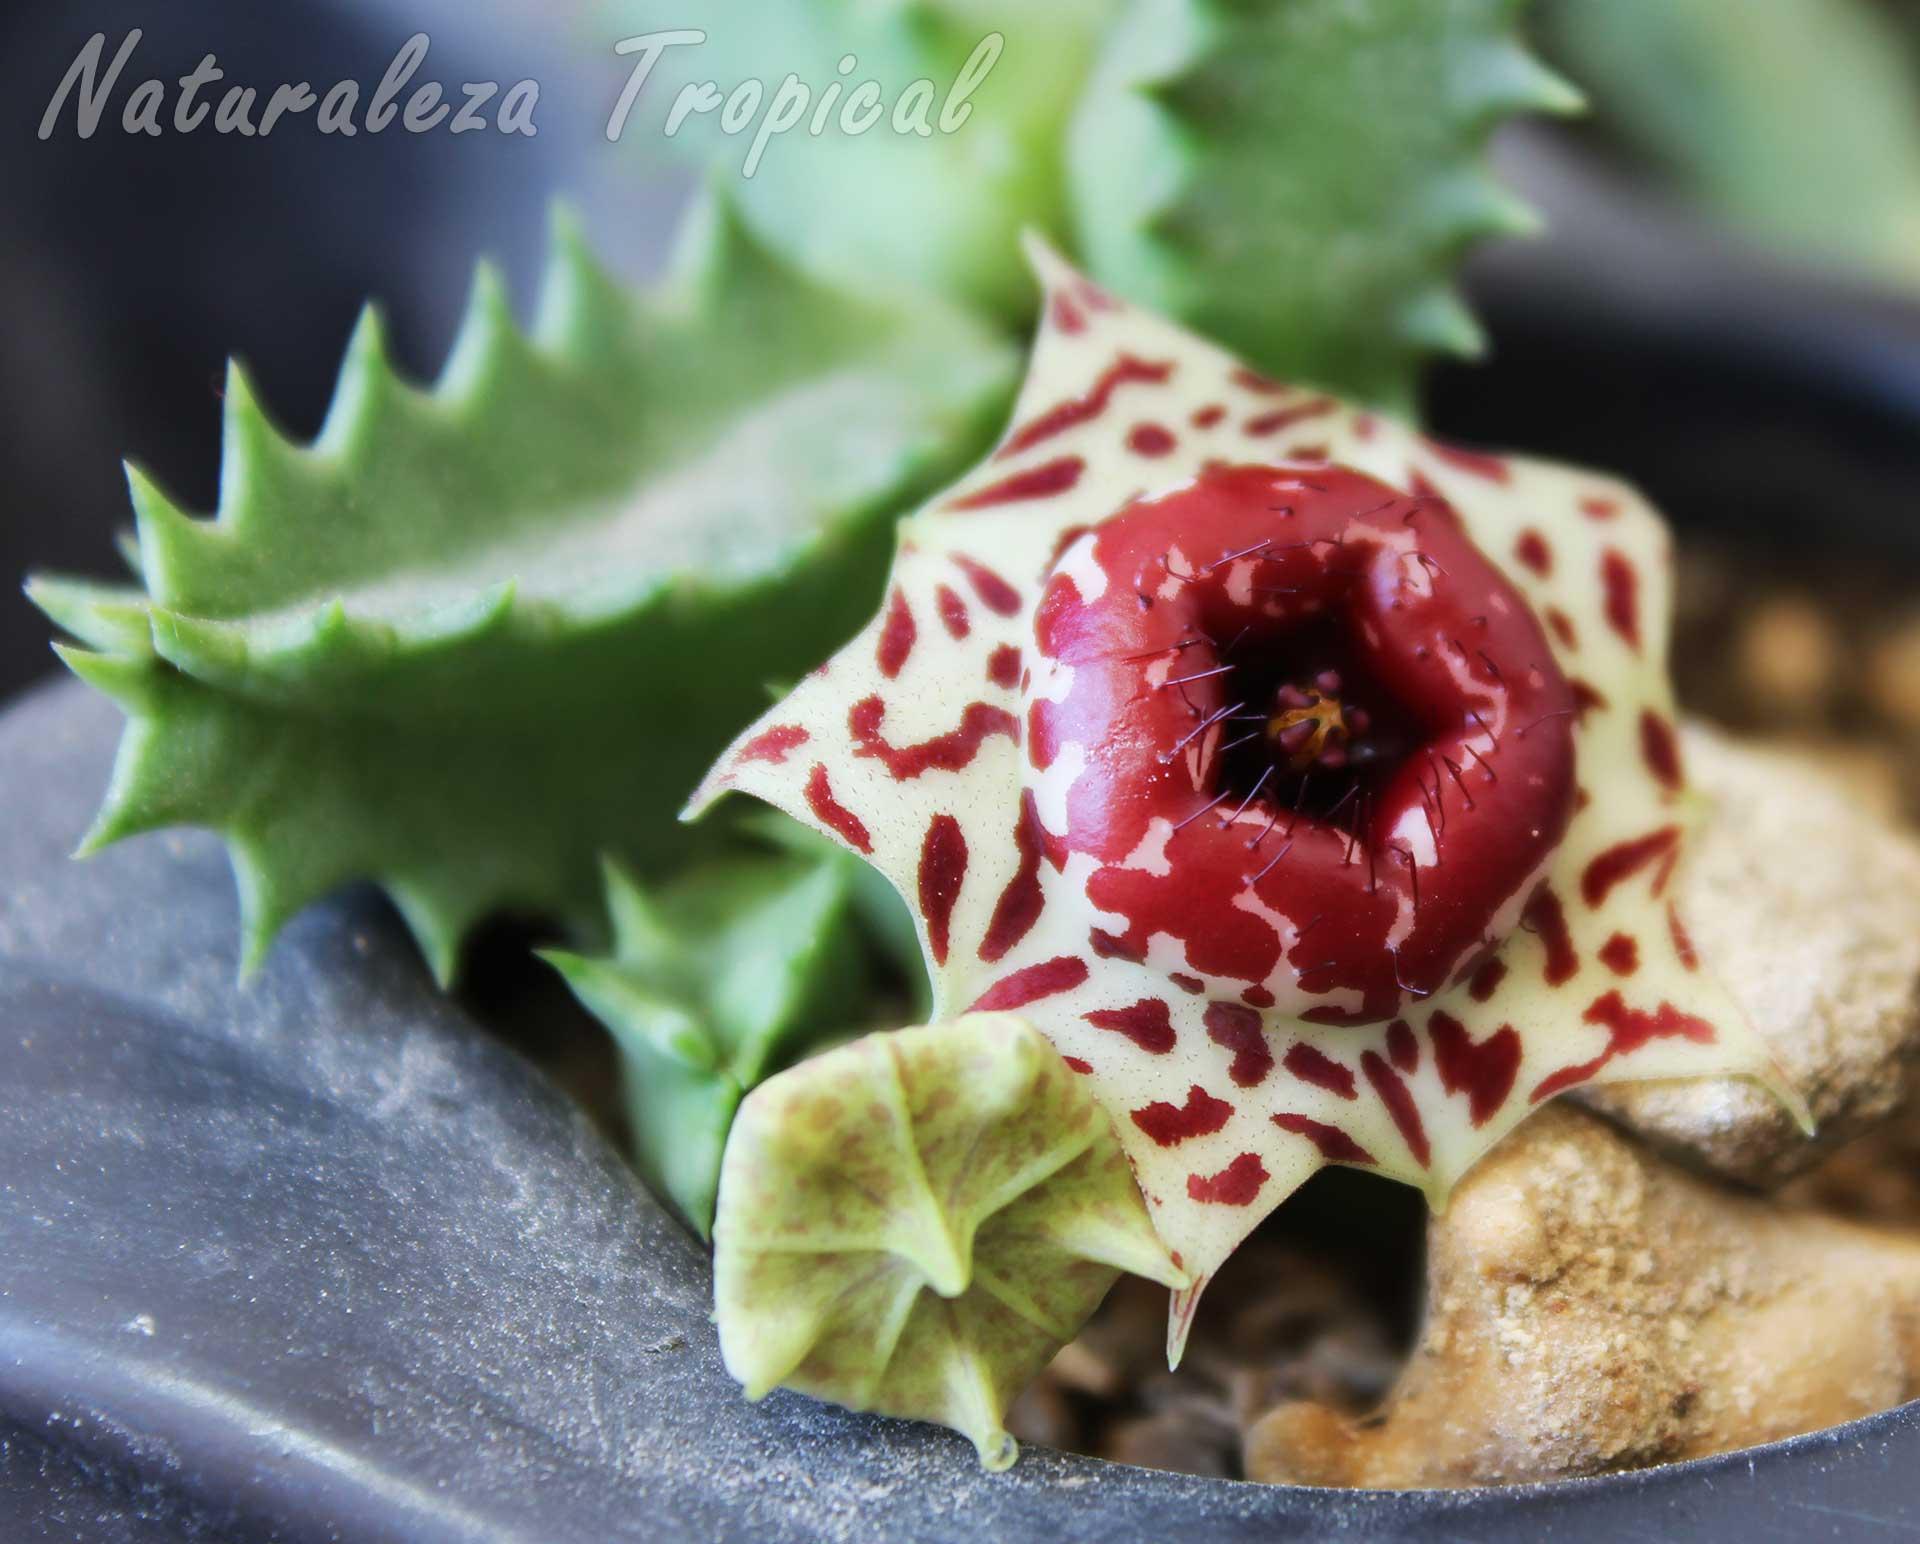 Vista de tallos y flor de la maravillosa planta suculenta Huernia plowesii